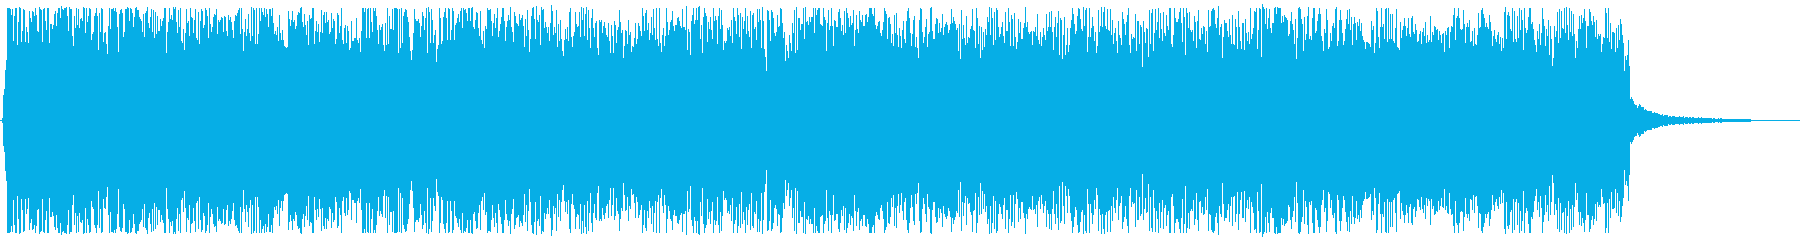 明るく疾走感のあるロックバンドサウンドの再生済みの波形